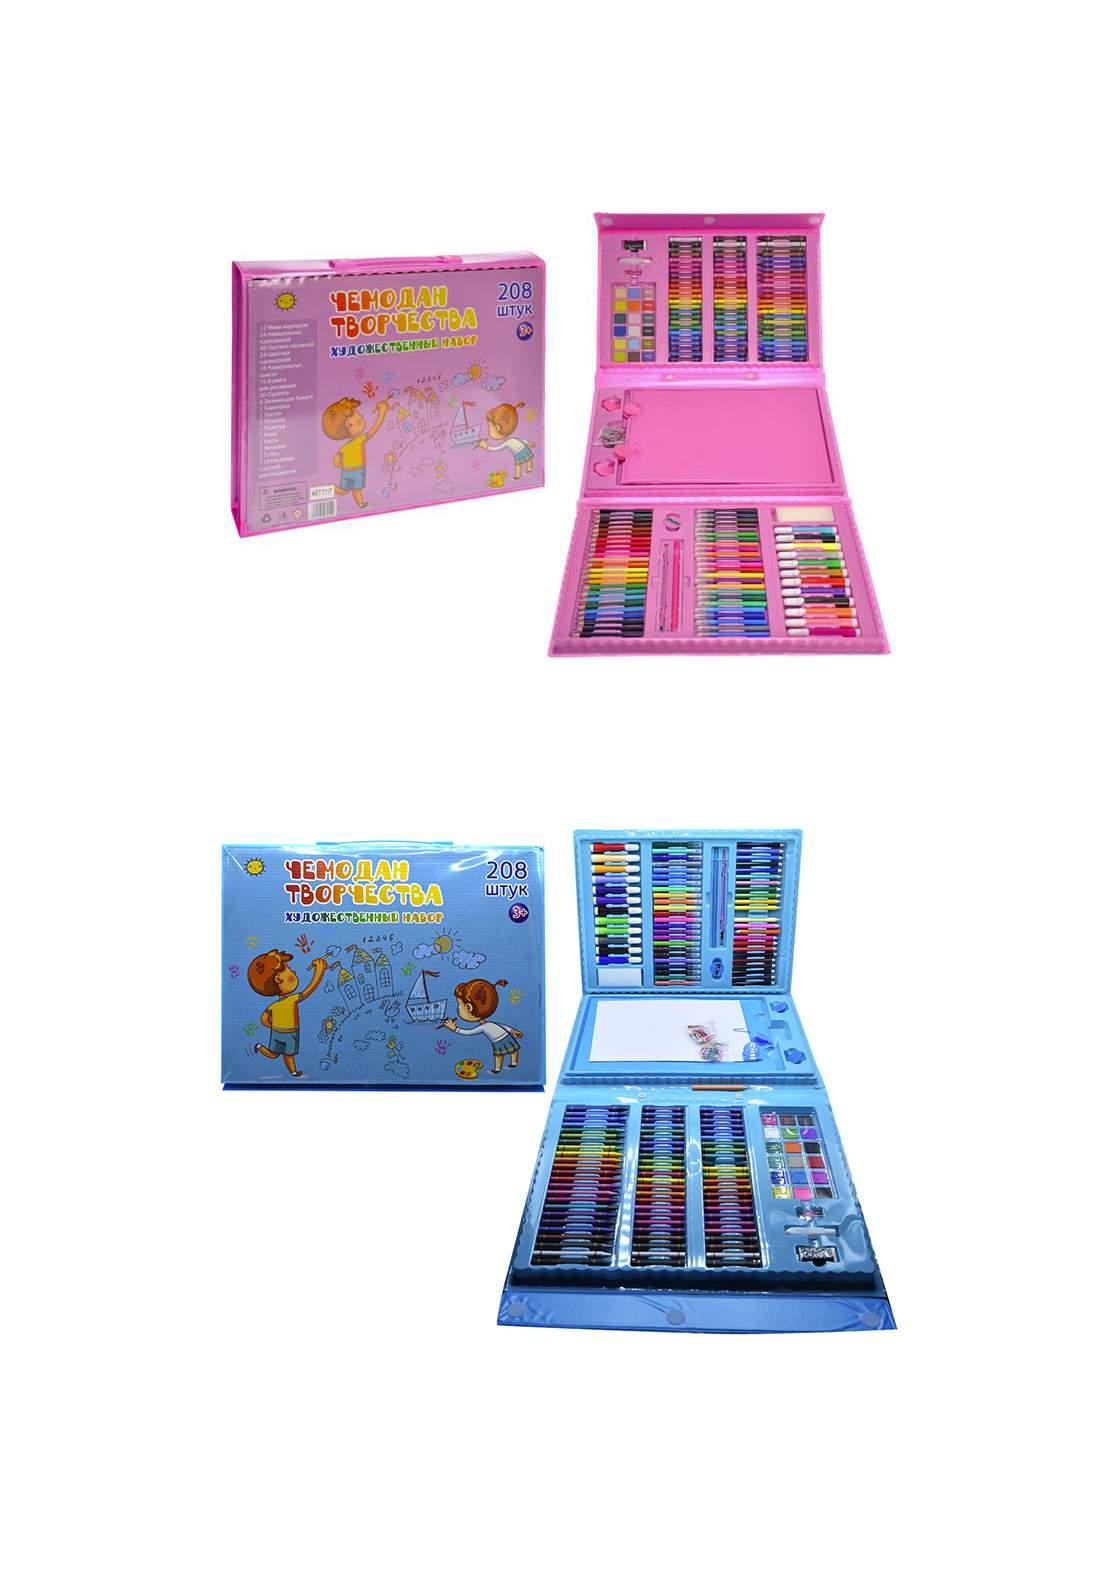 حقيبة ألوان لتعليم الاطفال 208 قطعة Bag colors for children